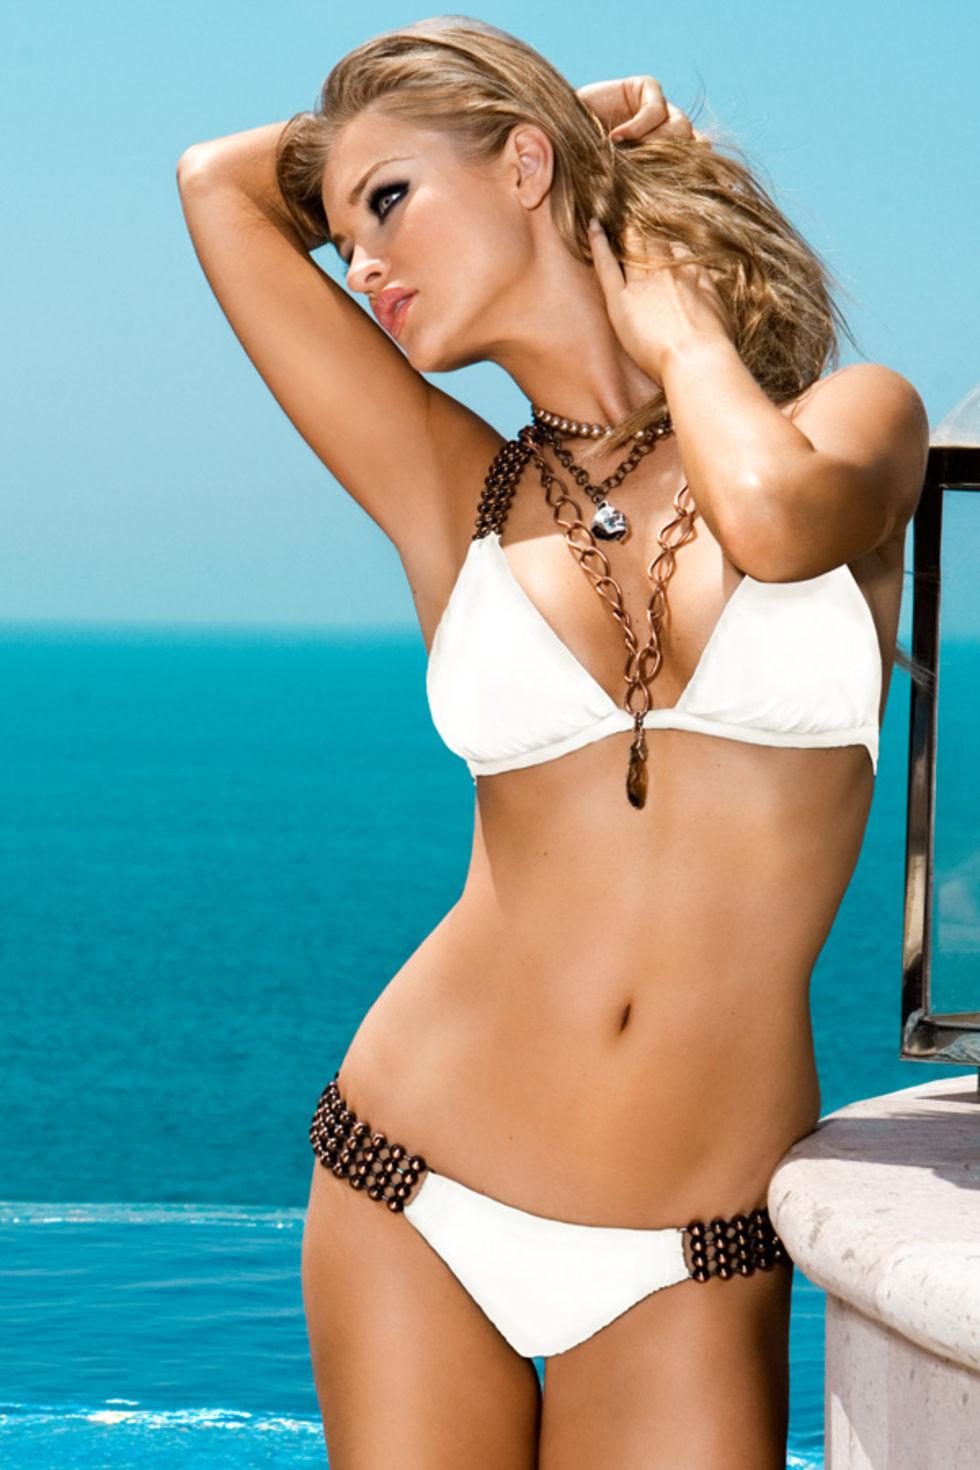 Фото девушки модели в бикини